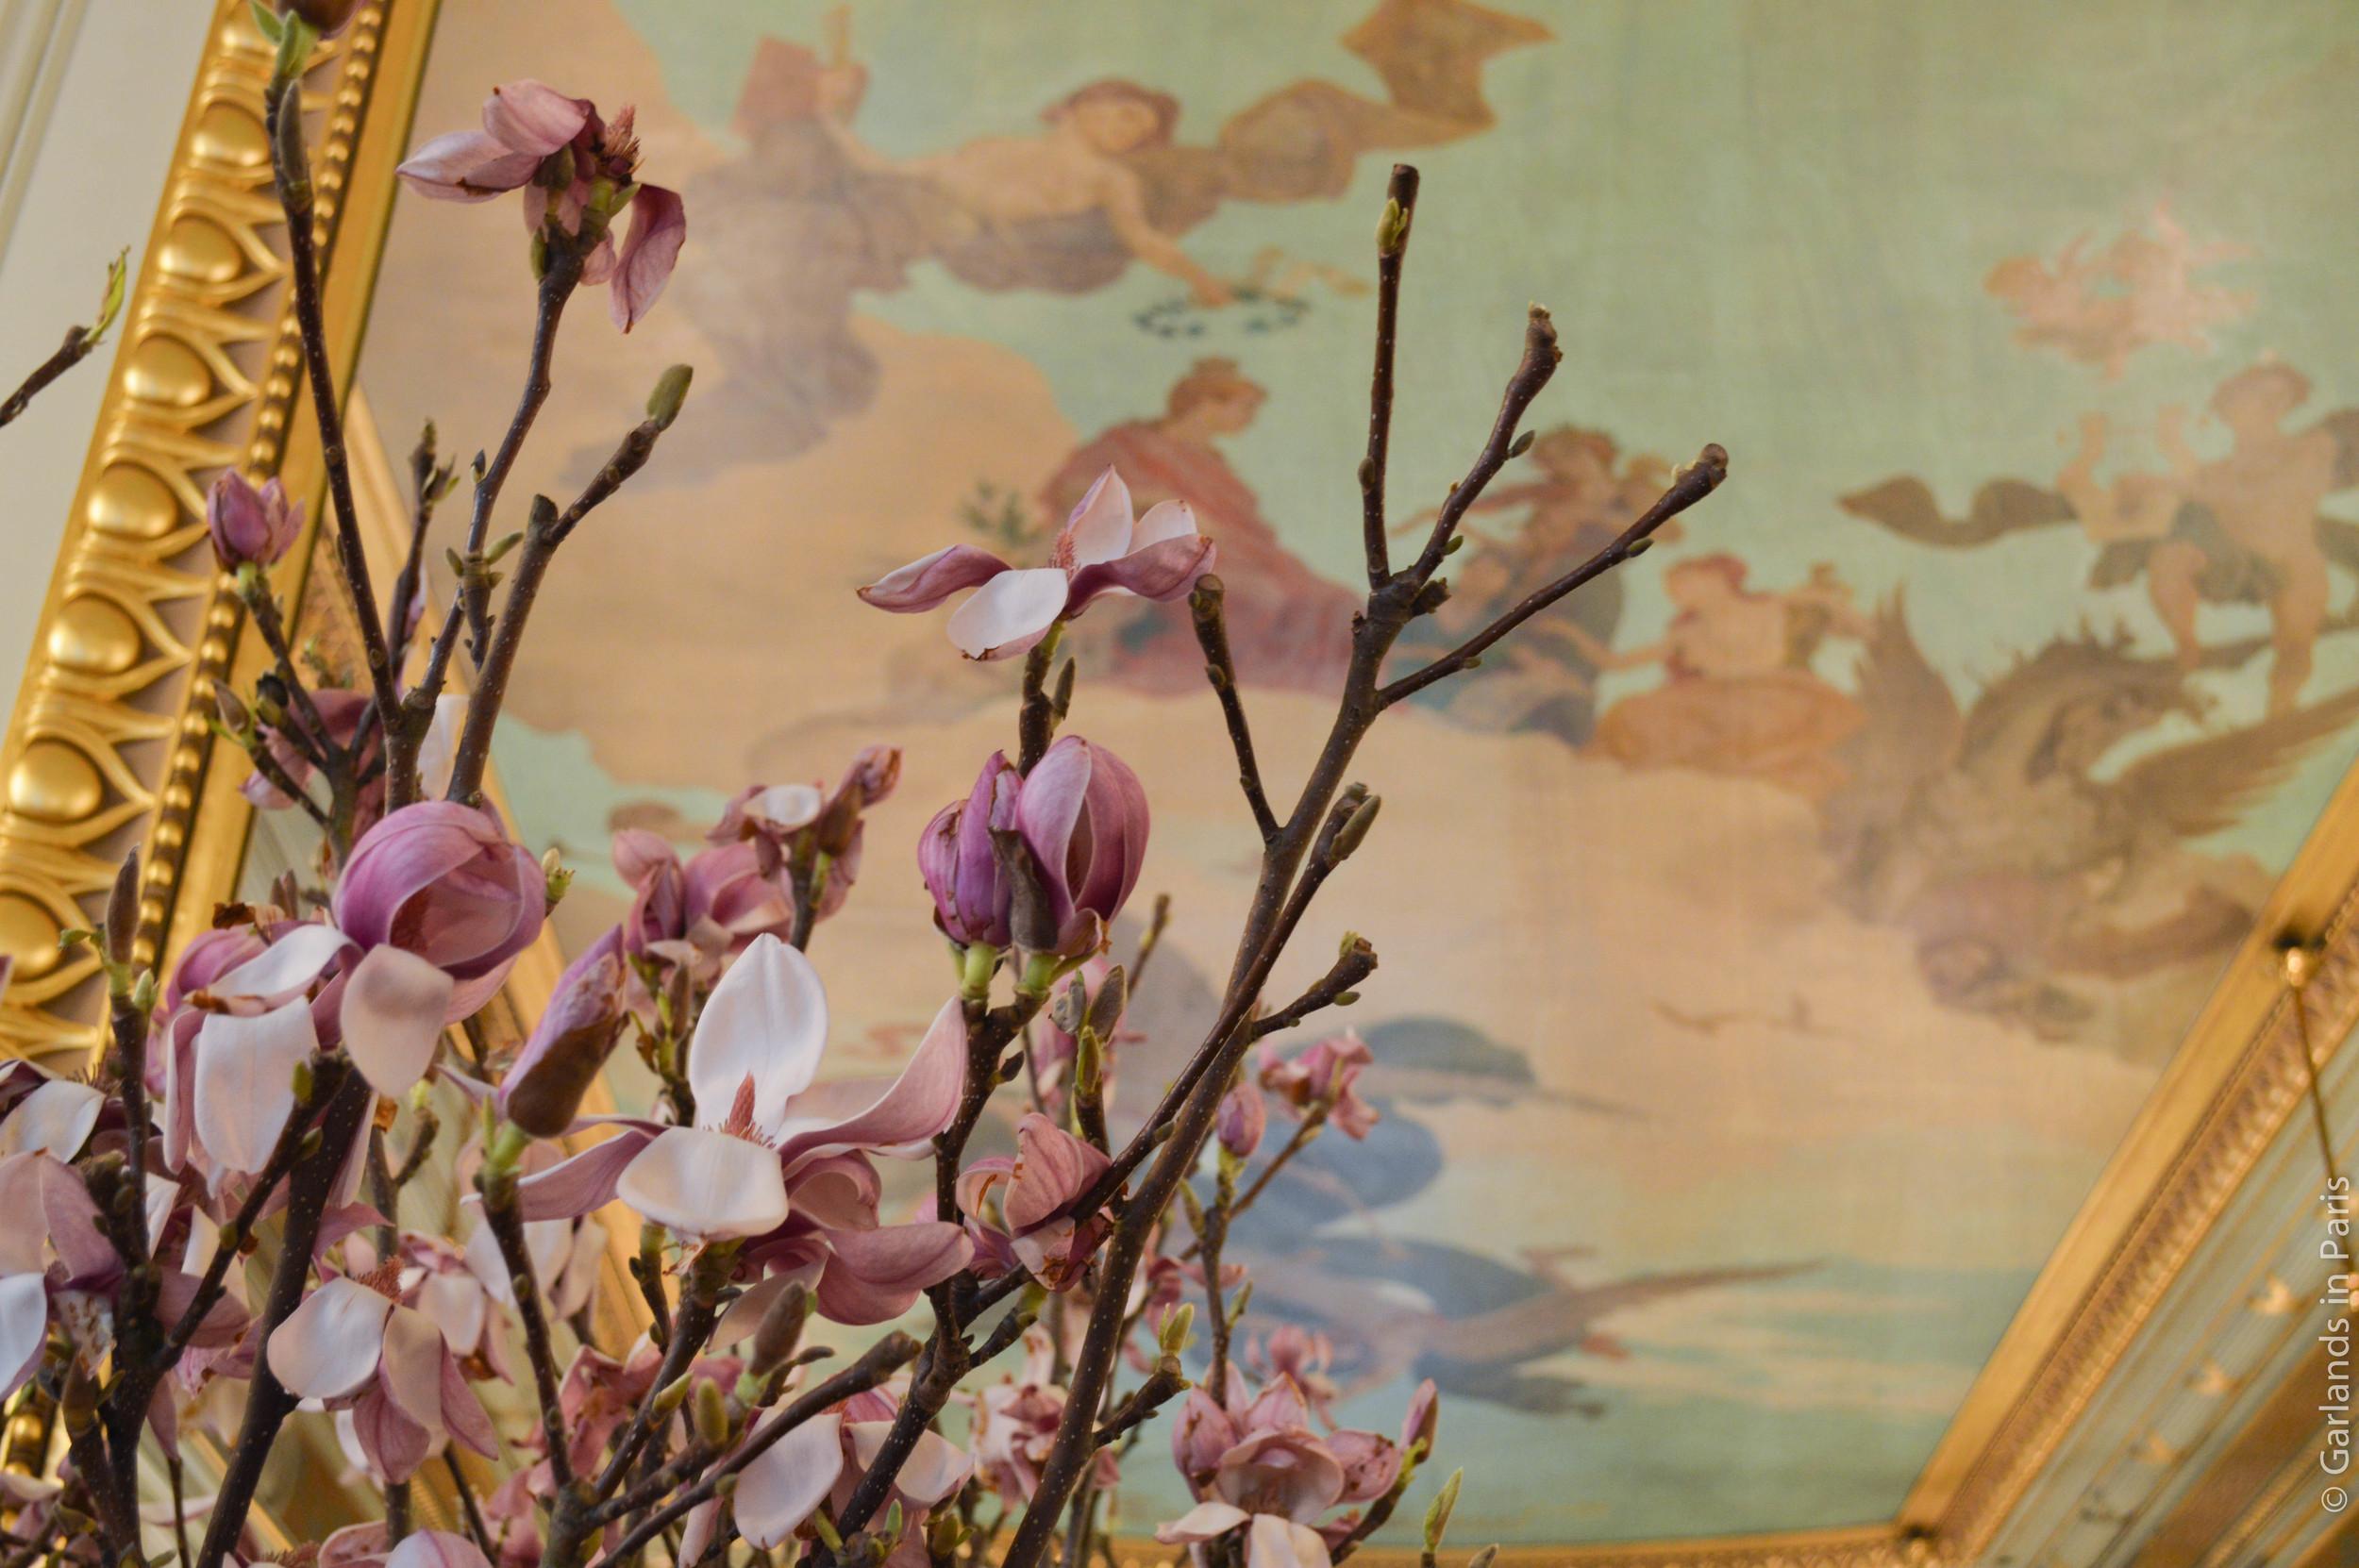 Salon d'art floral, Paris